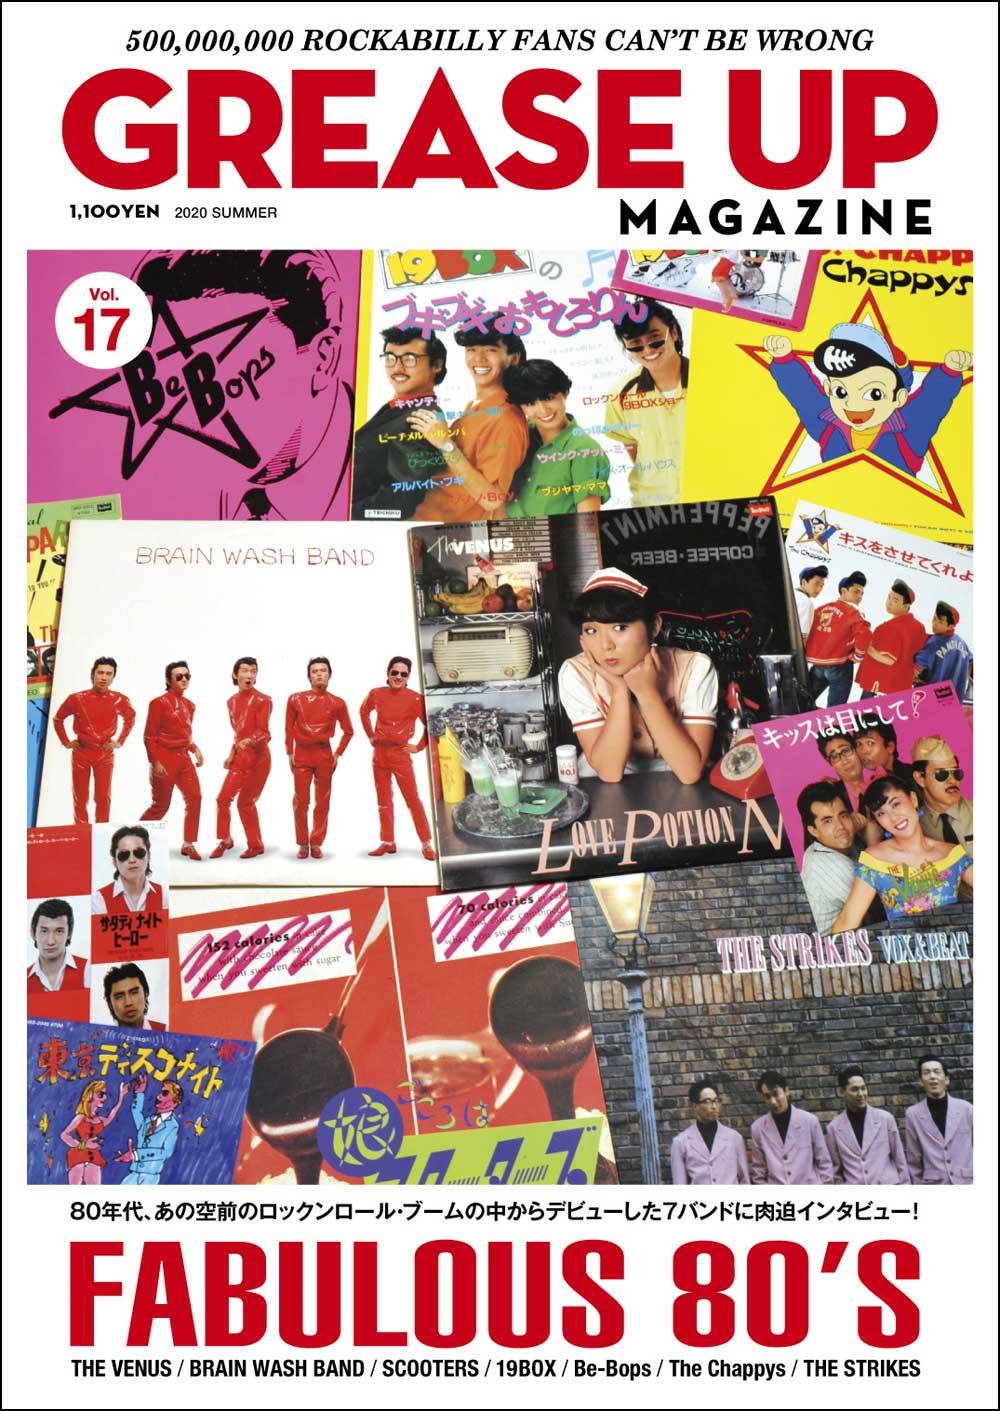 【グリースアップマガジン vol.17 <特集 FABULOUS 80'S  ロックンロールの時代>】 【GREASE UP MAGAZINE Vol.17 <FABULOUS 80'S>】